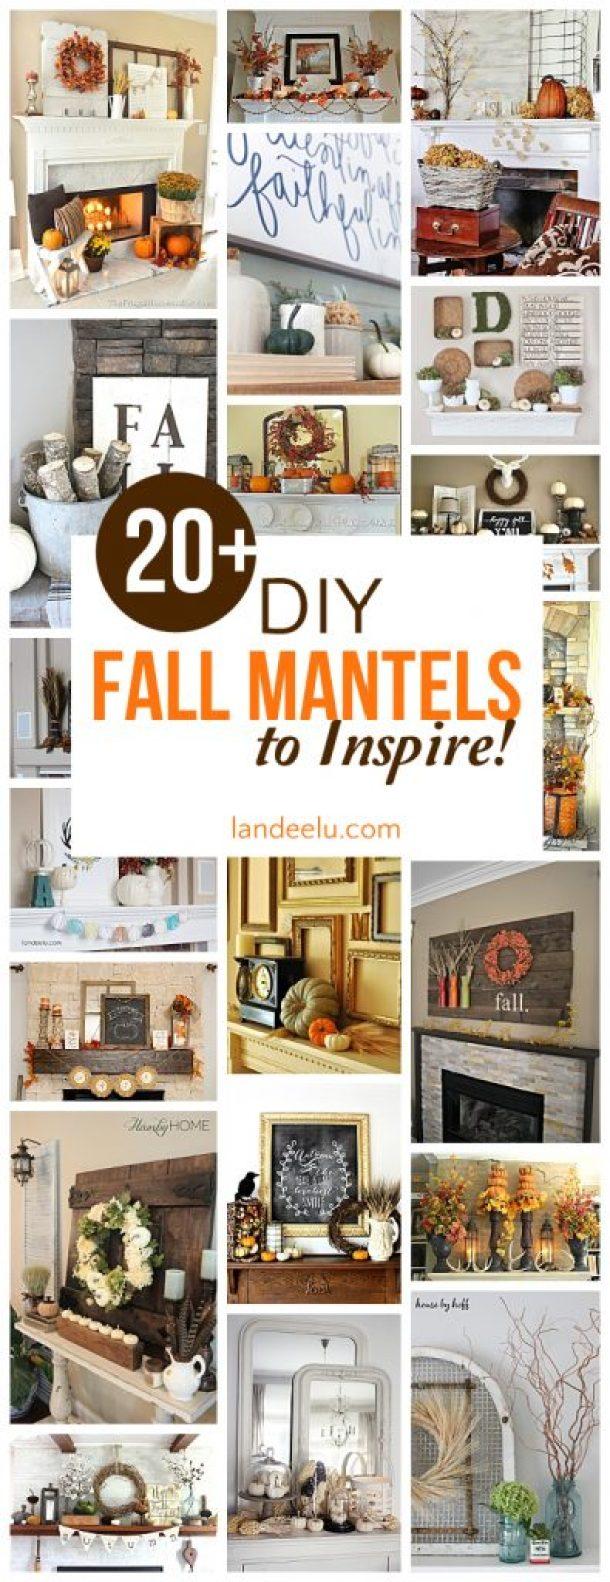 Over 20 beautiful DIY fall mantel ideas